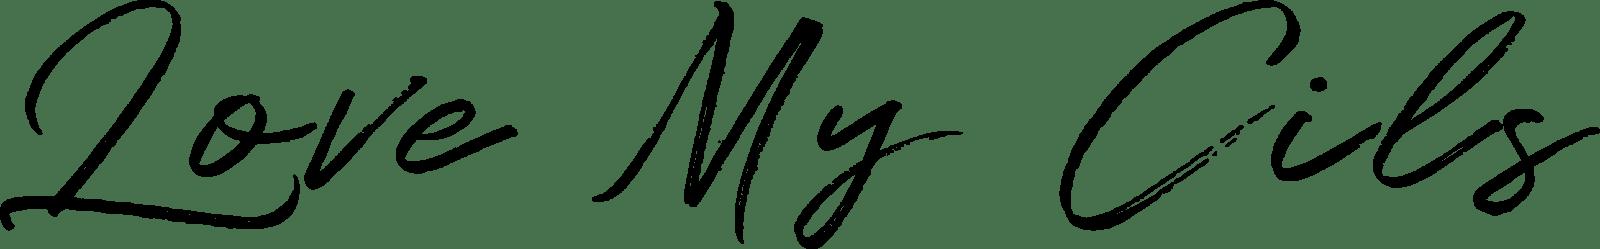 lovemycils-script